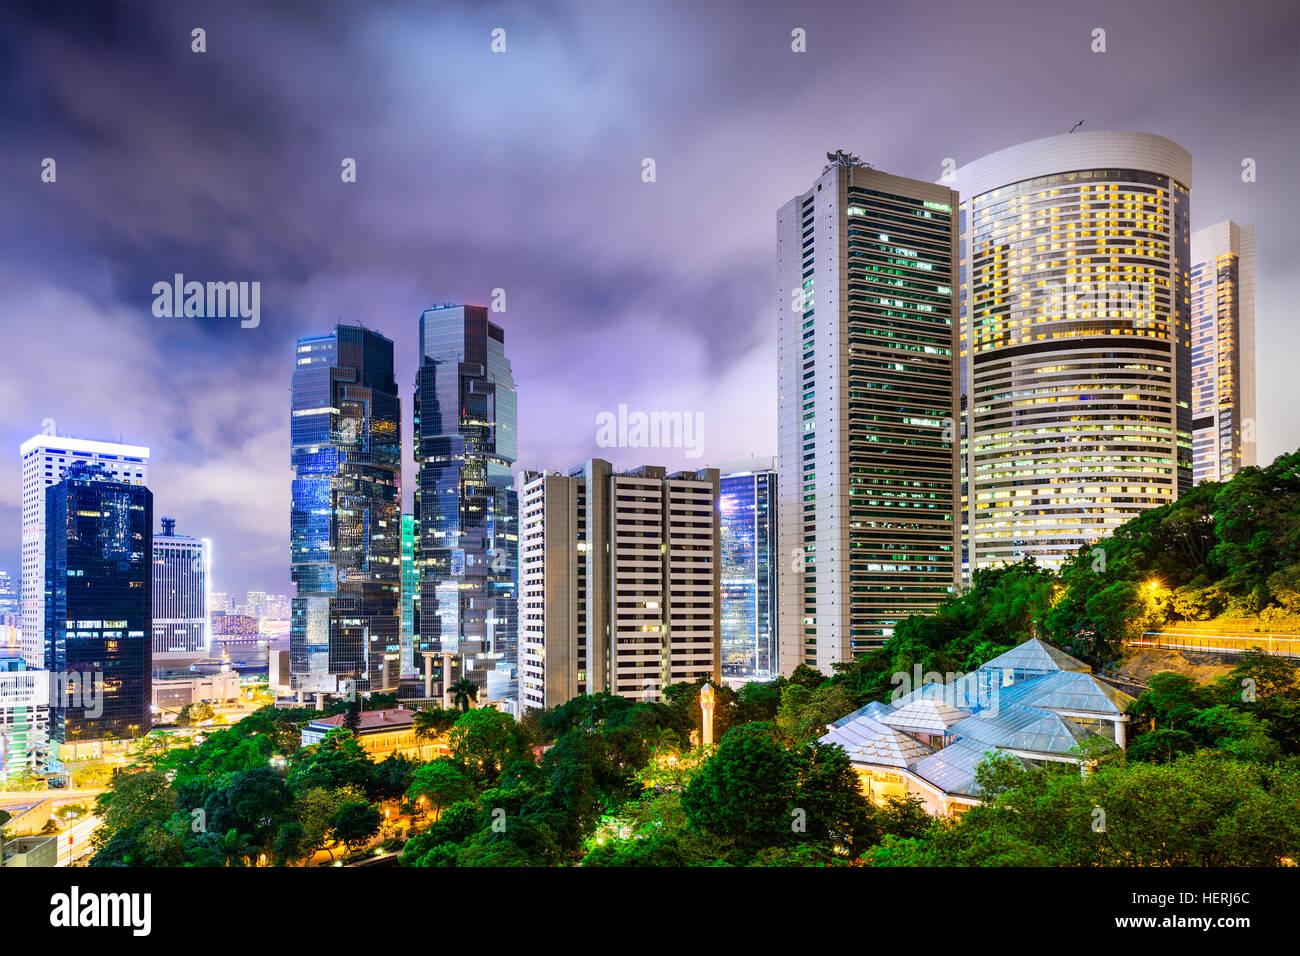 Hong Kong, China cityscape from Hong Kong Park. - Stock Image